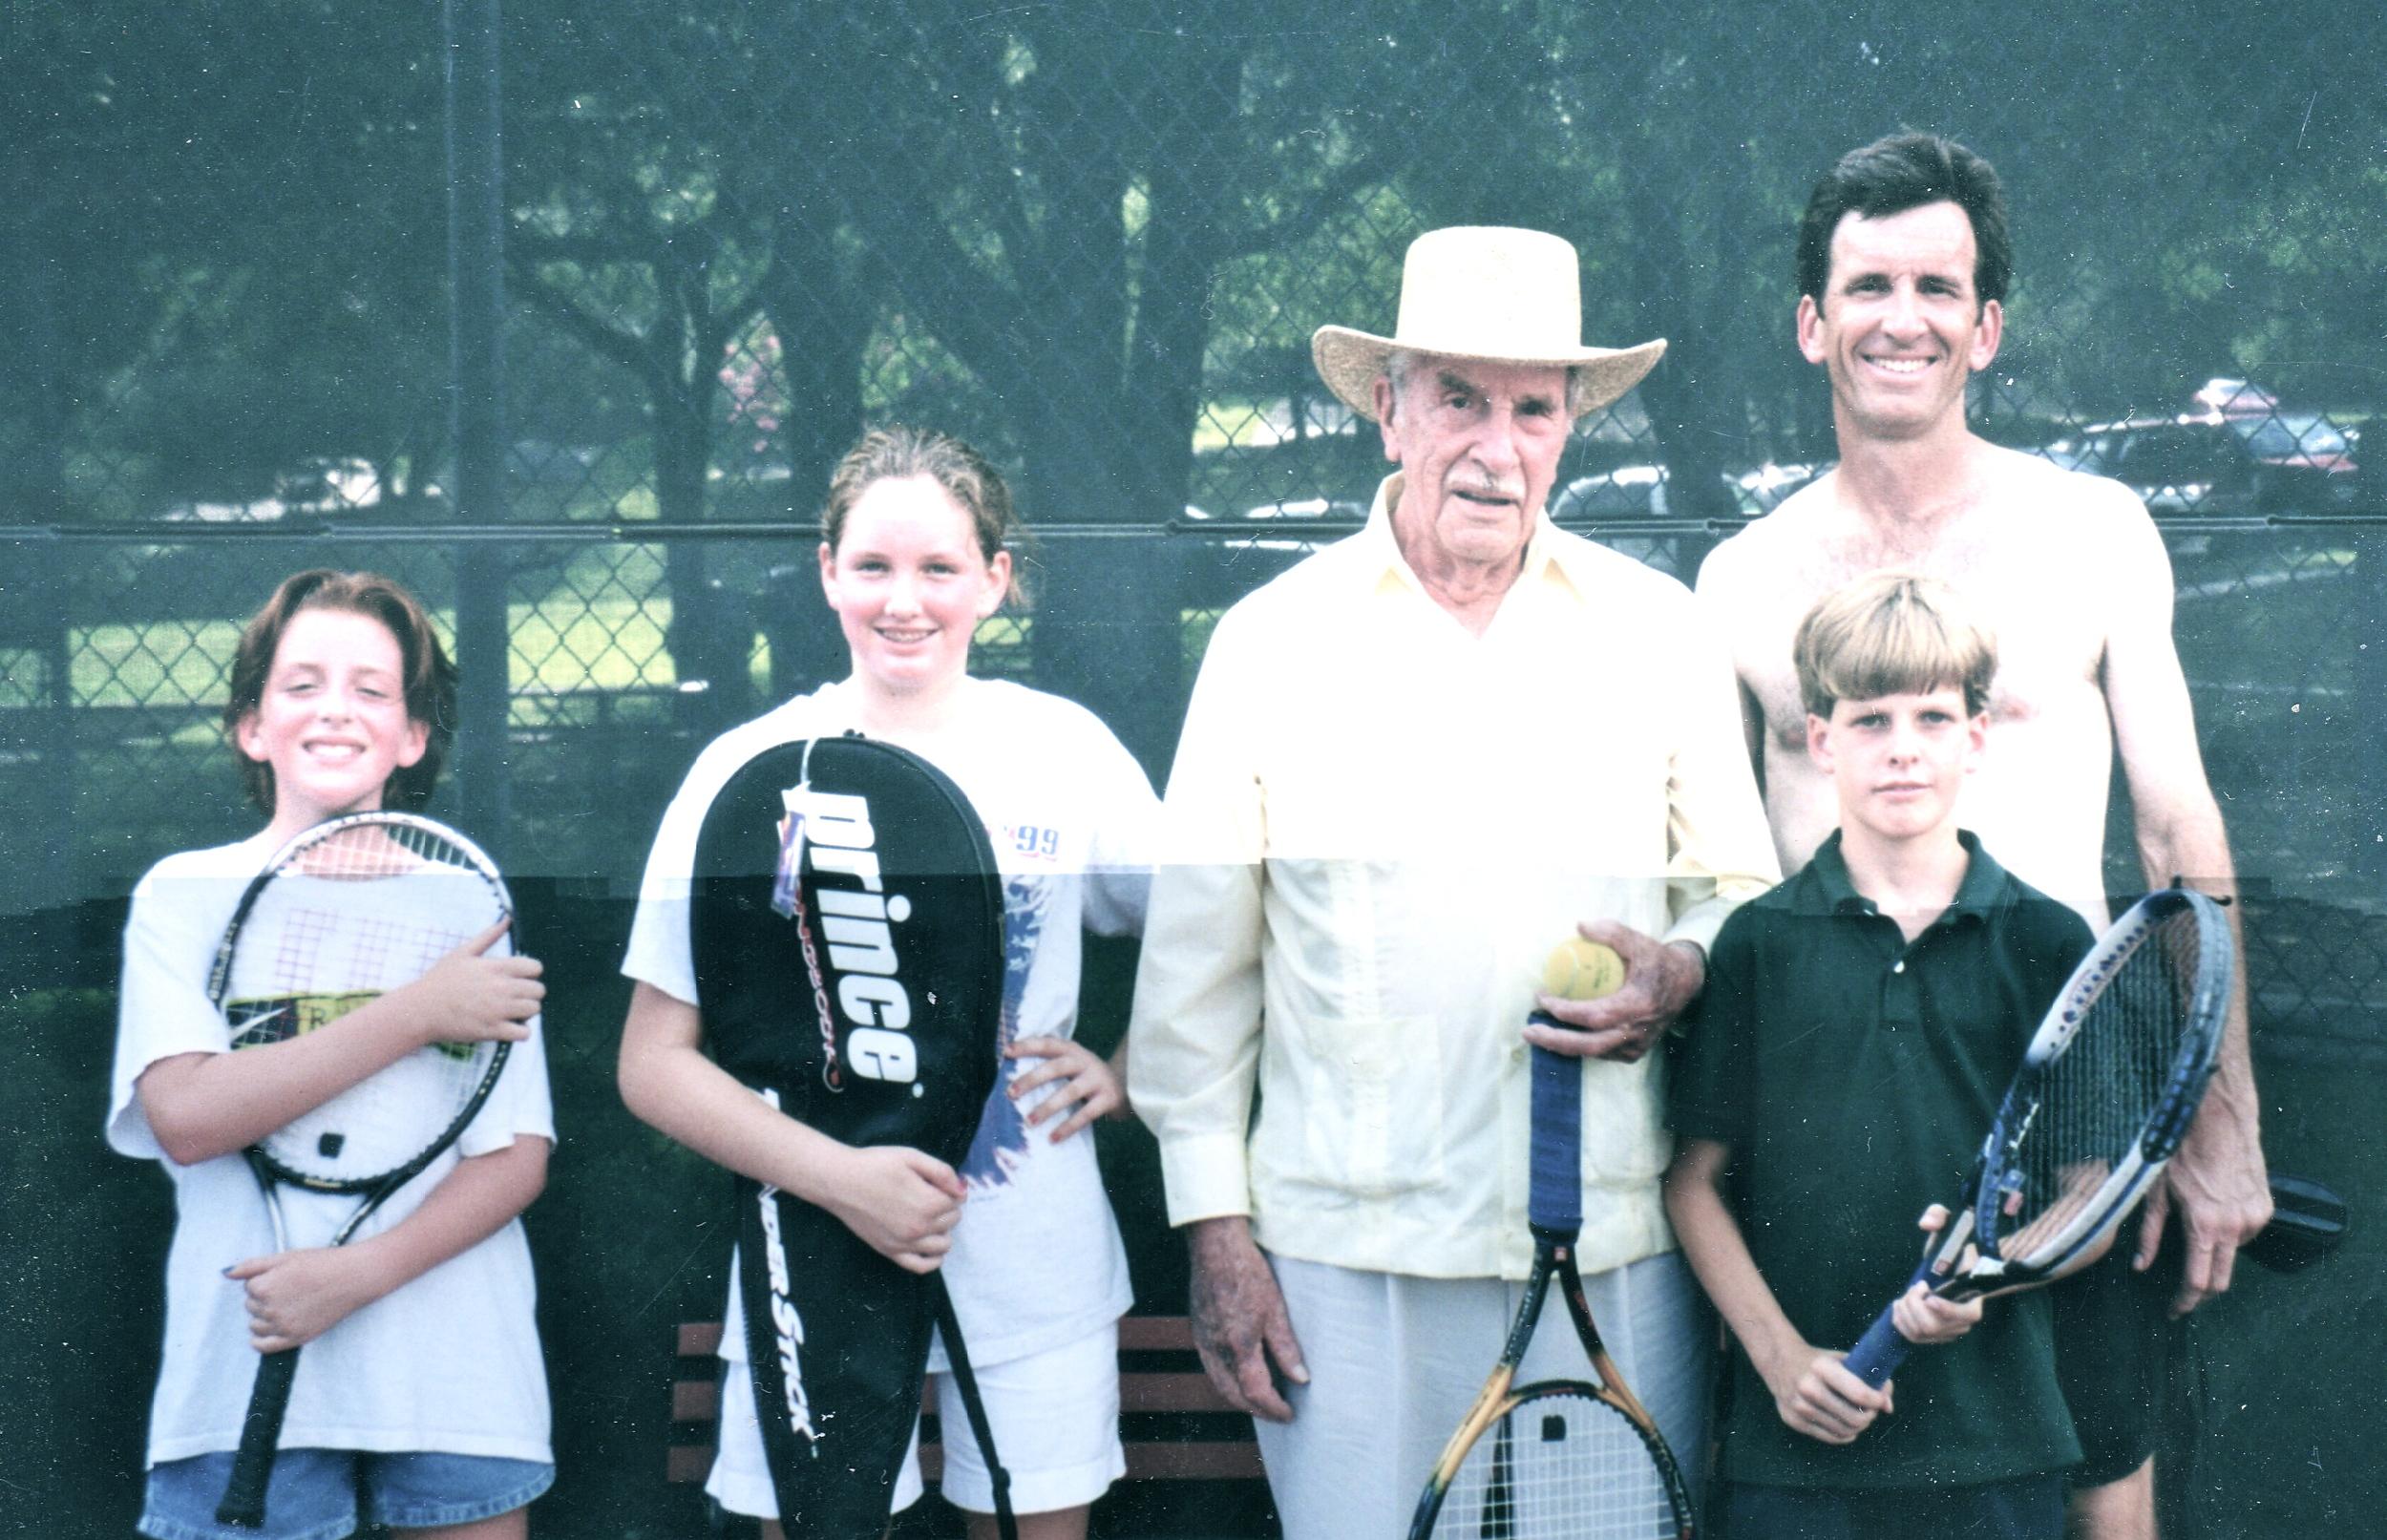 Tennis through the Ages127.jpg